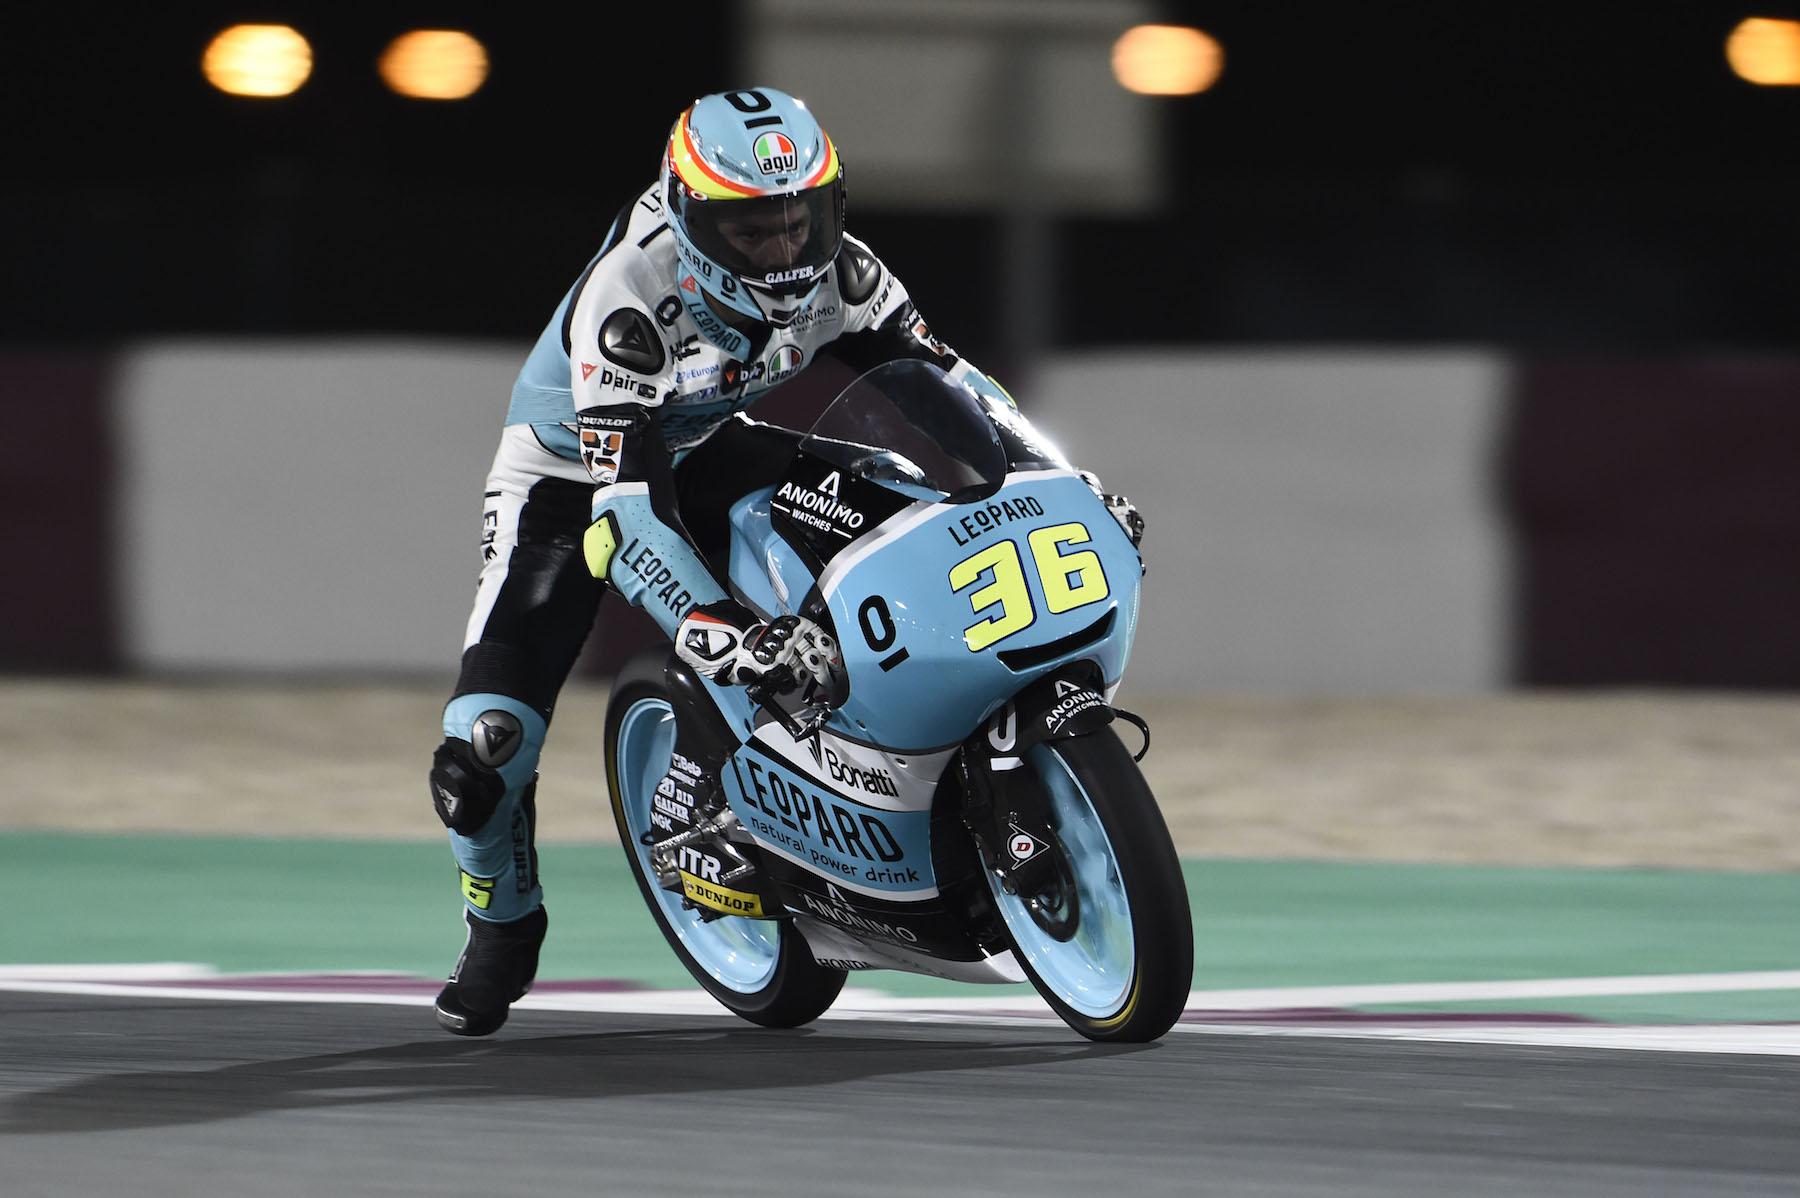 Joan Mir gana con contundencia una carrera de Moto3 para enmarcar